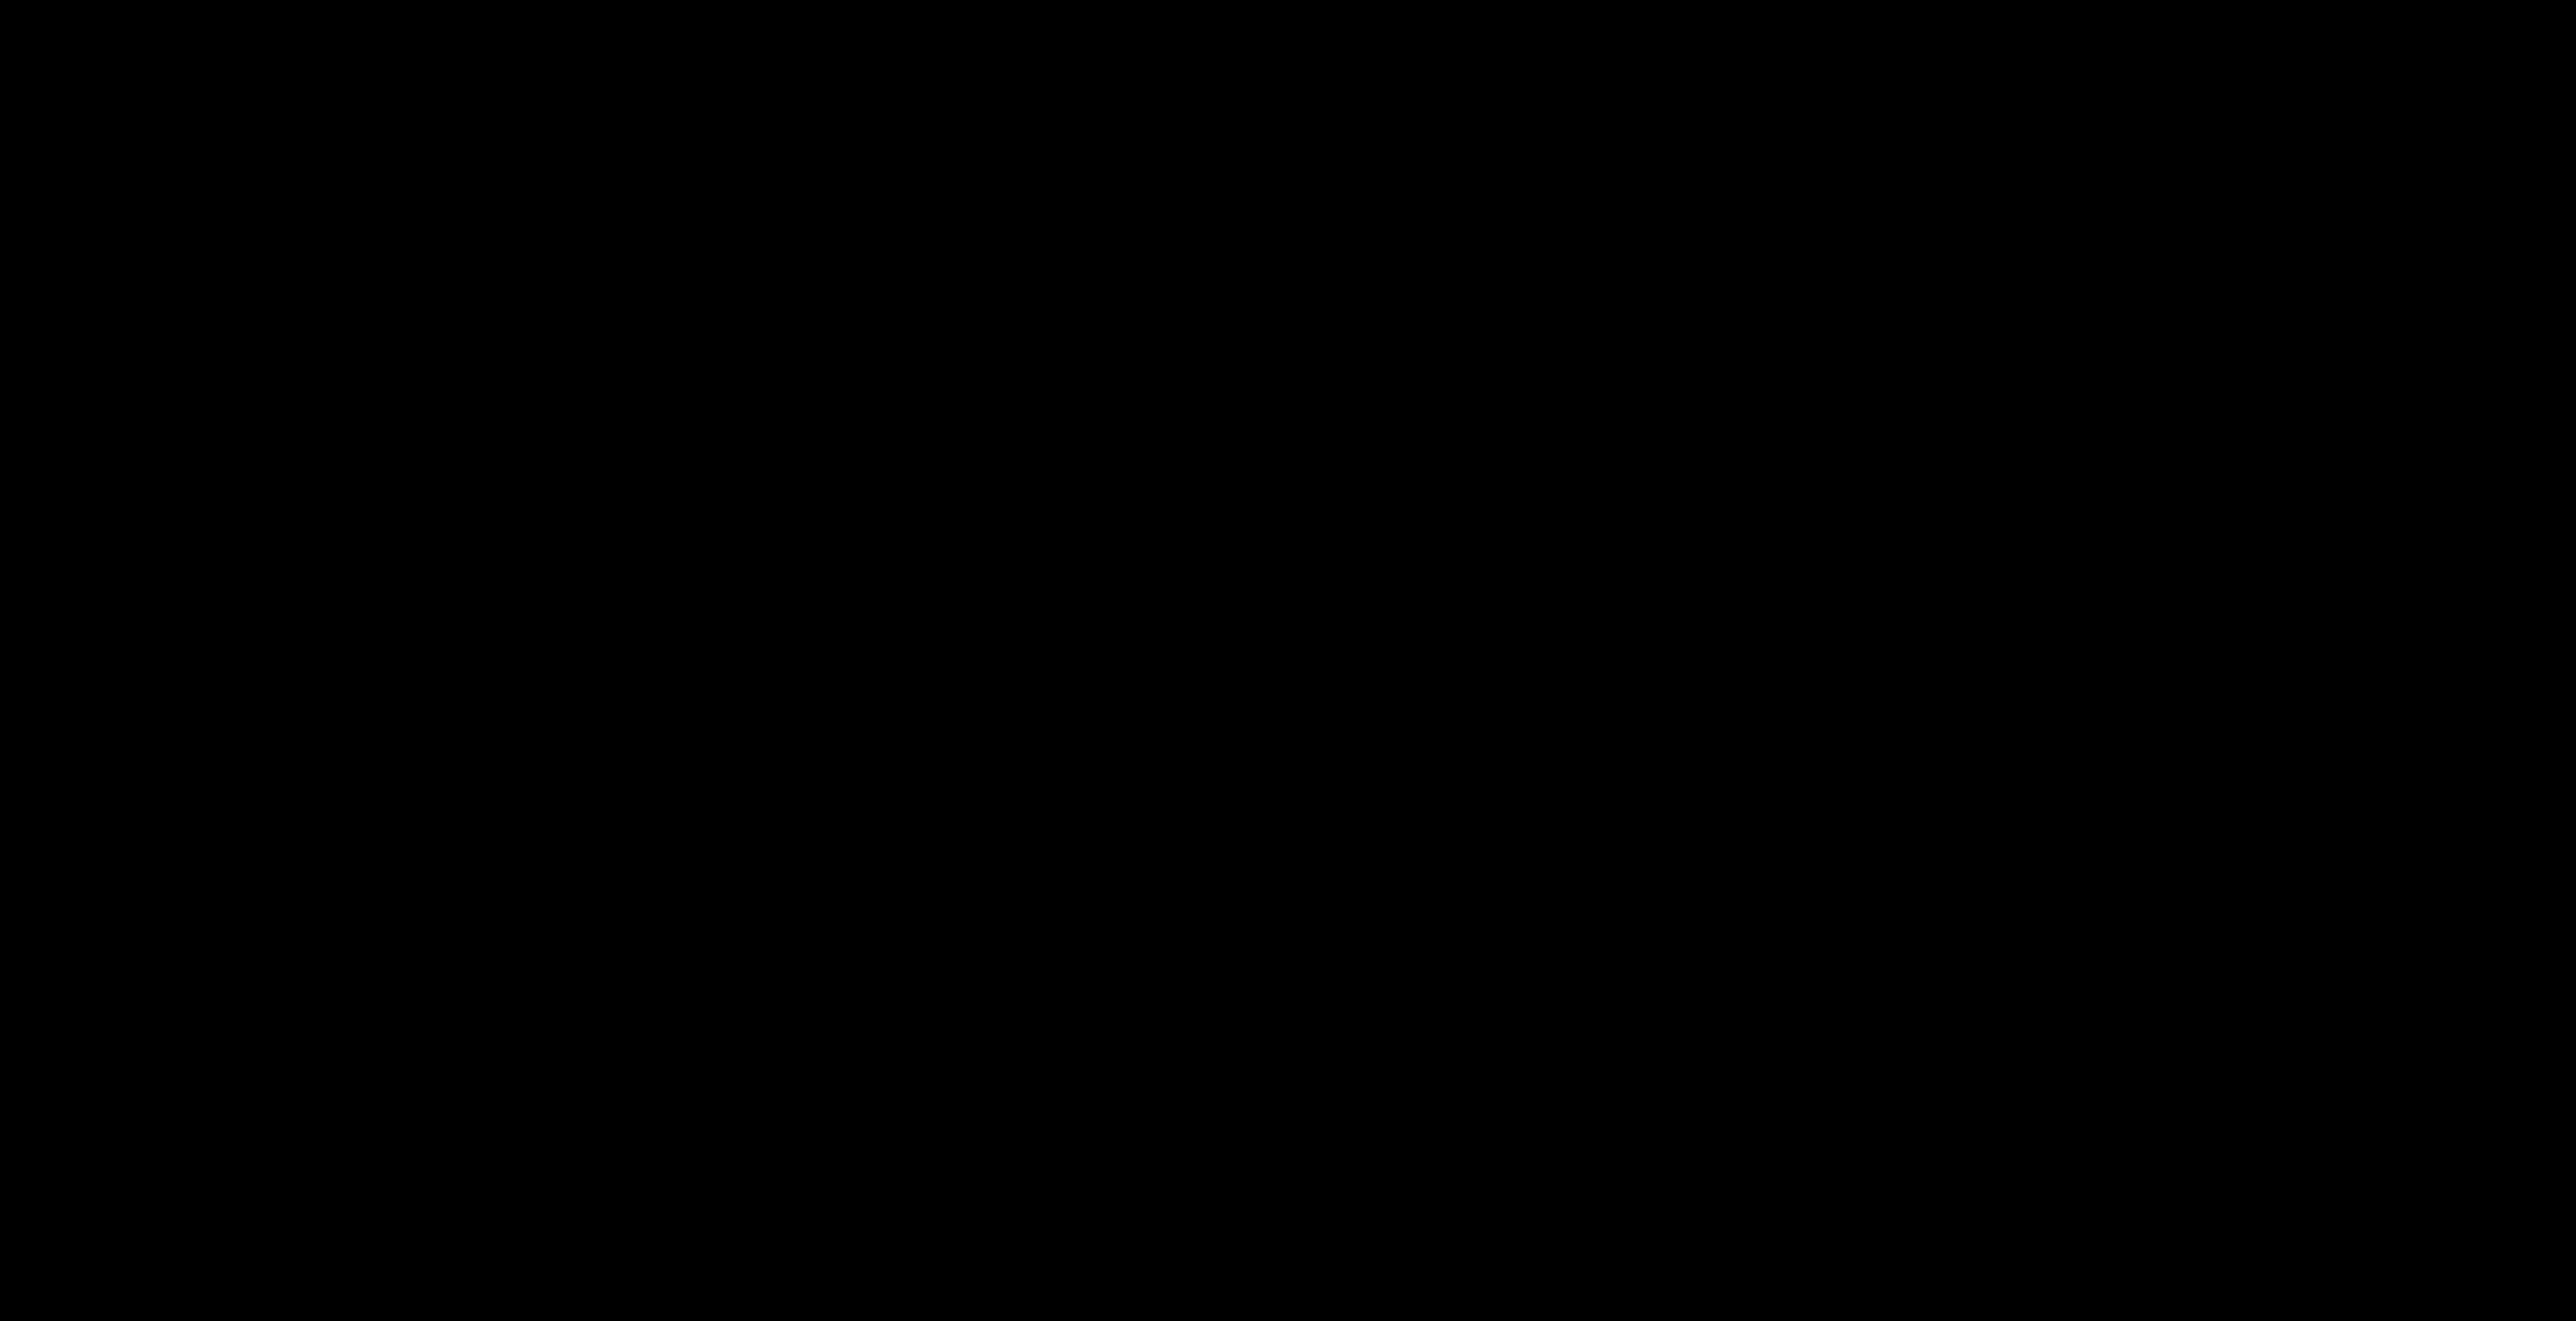 Espaco KidsLand